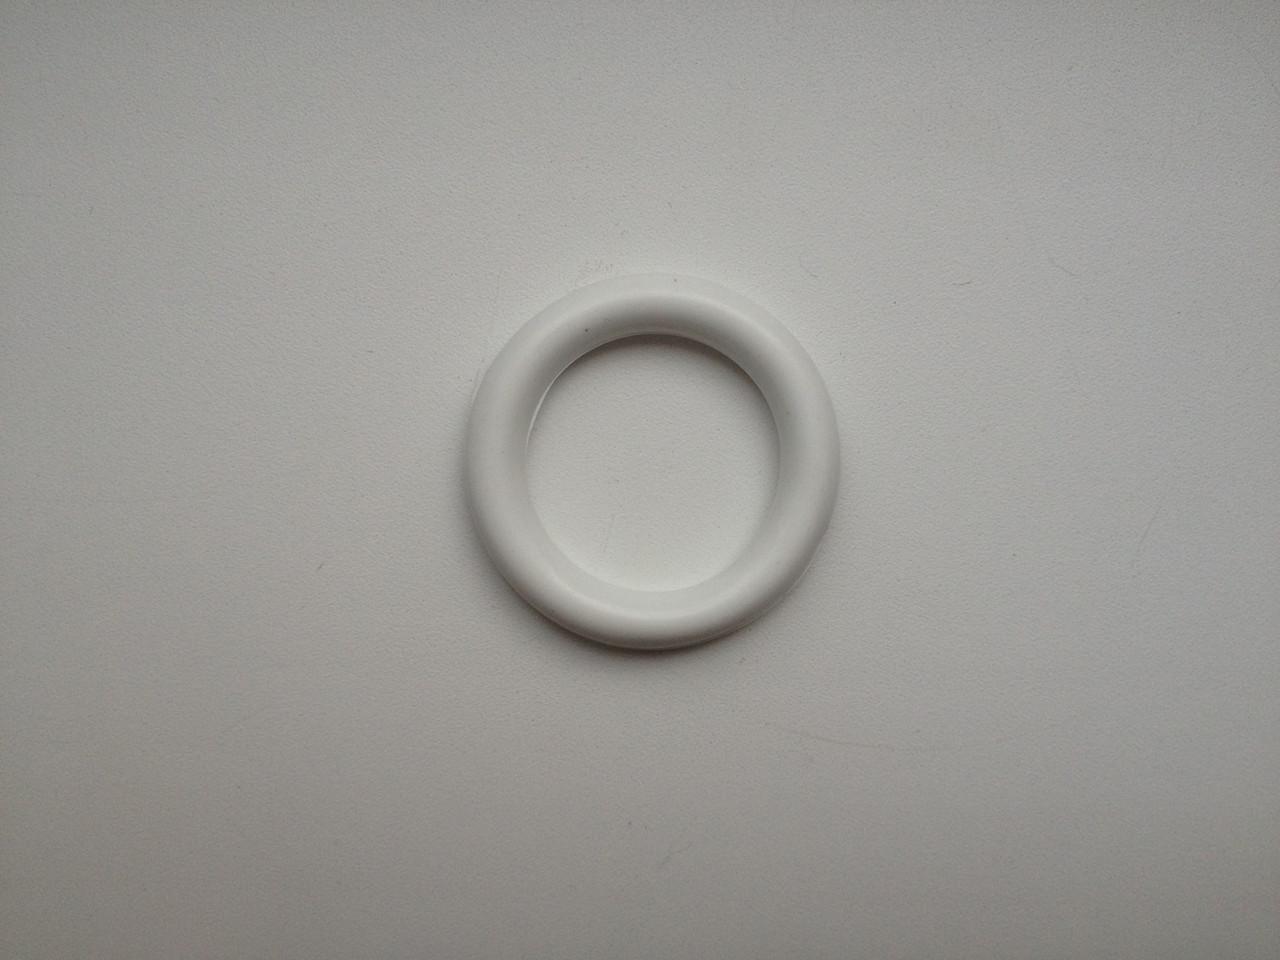 Кольцо для трубчатых карнизов (28мм)